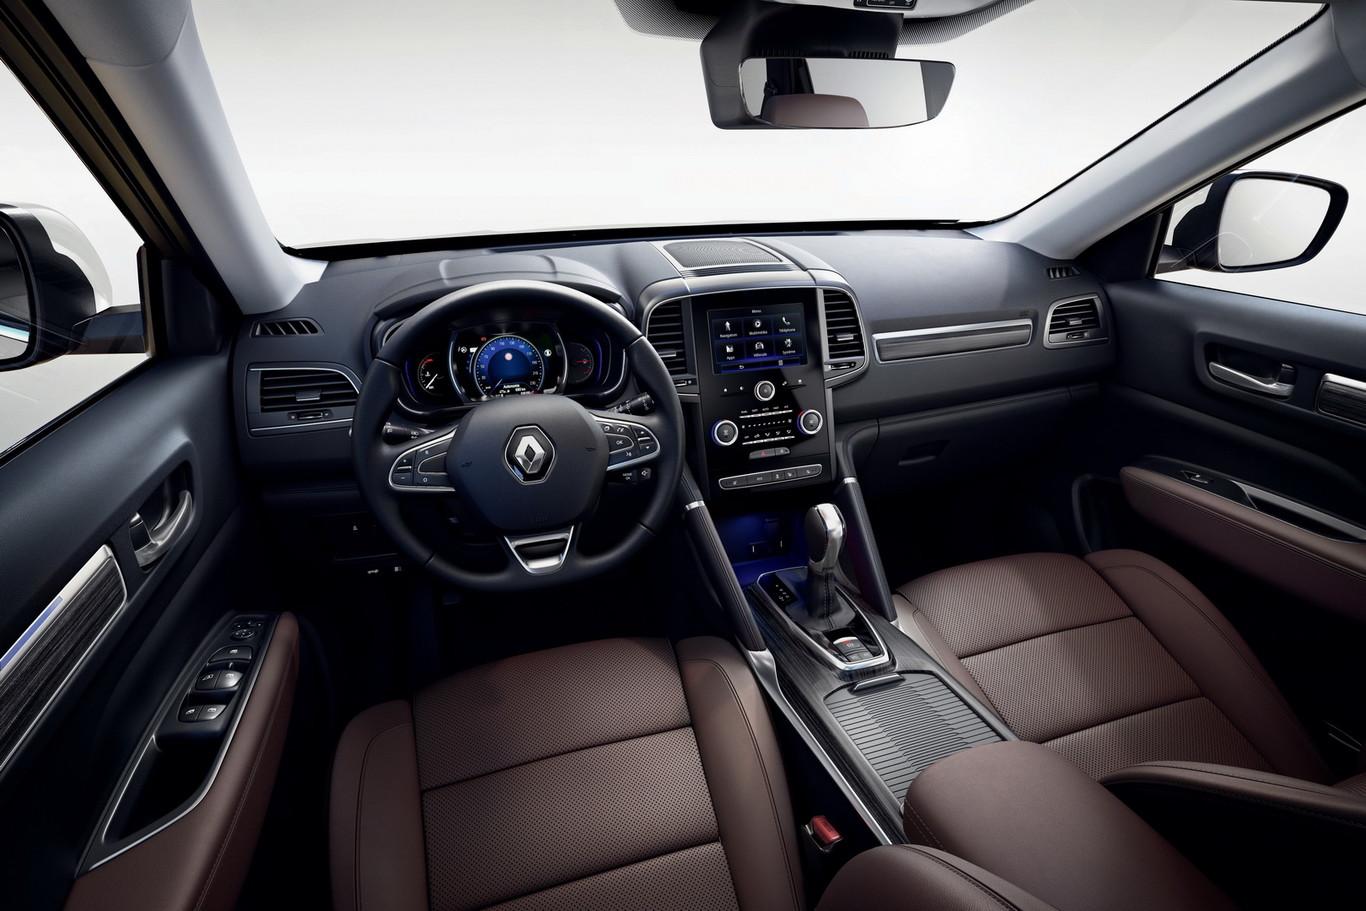 La Renault Koleos 2020 precio en México tiene mejoras importantes al interior